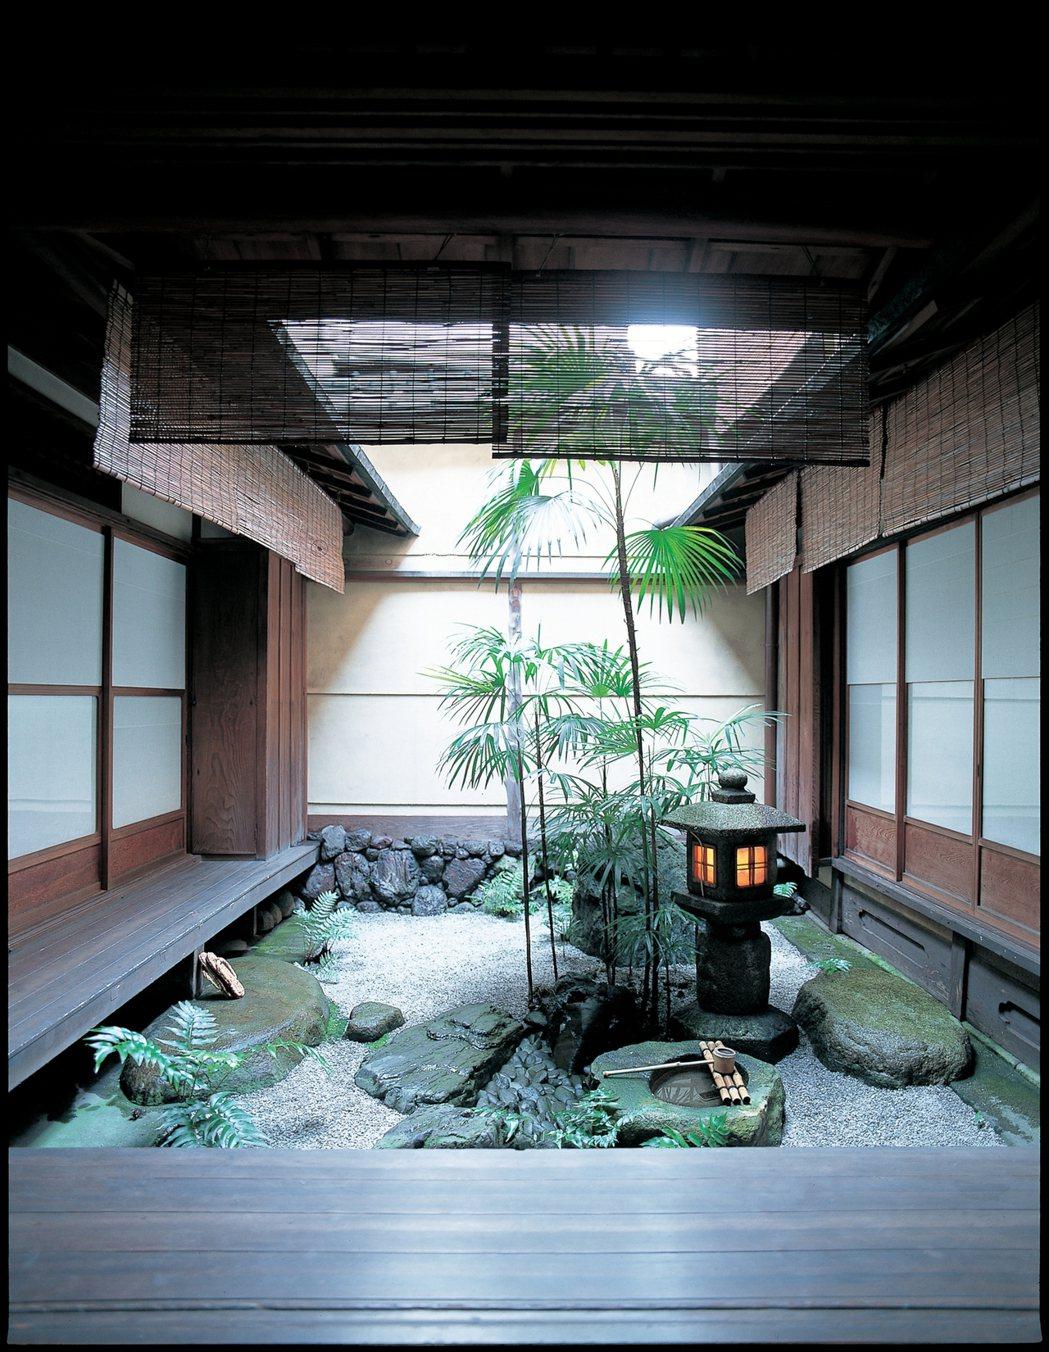 吉田家的坪庭。僅種植少量的棕櫚竹與蕨類植物,是僅以石燈籠、蹲踞(石製水缽)、飛石...